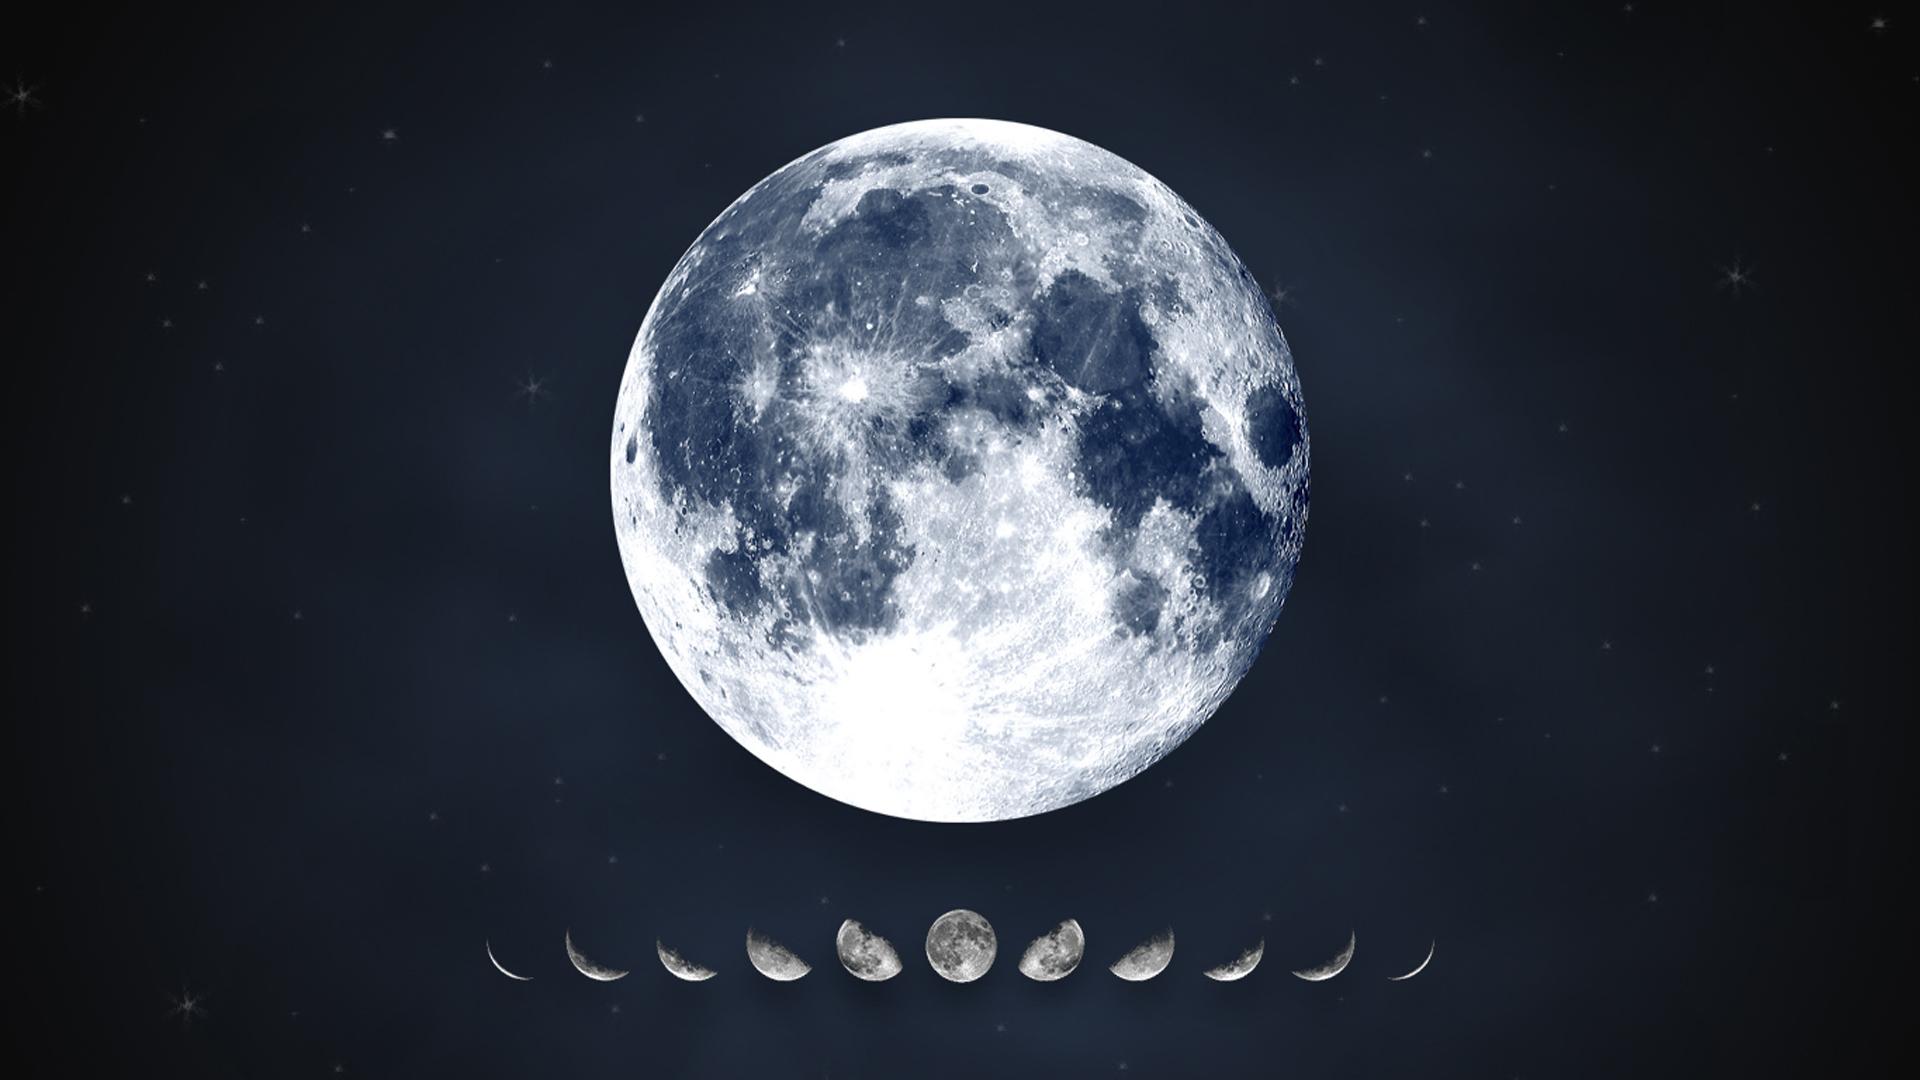 Июня, картинка с луной на обои